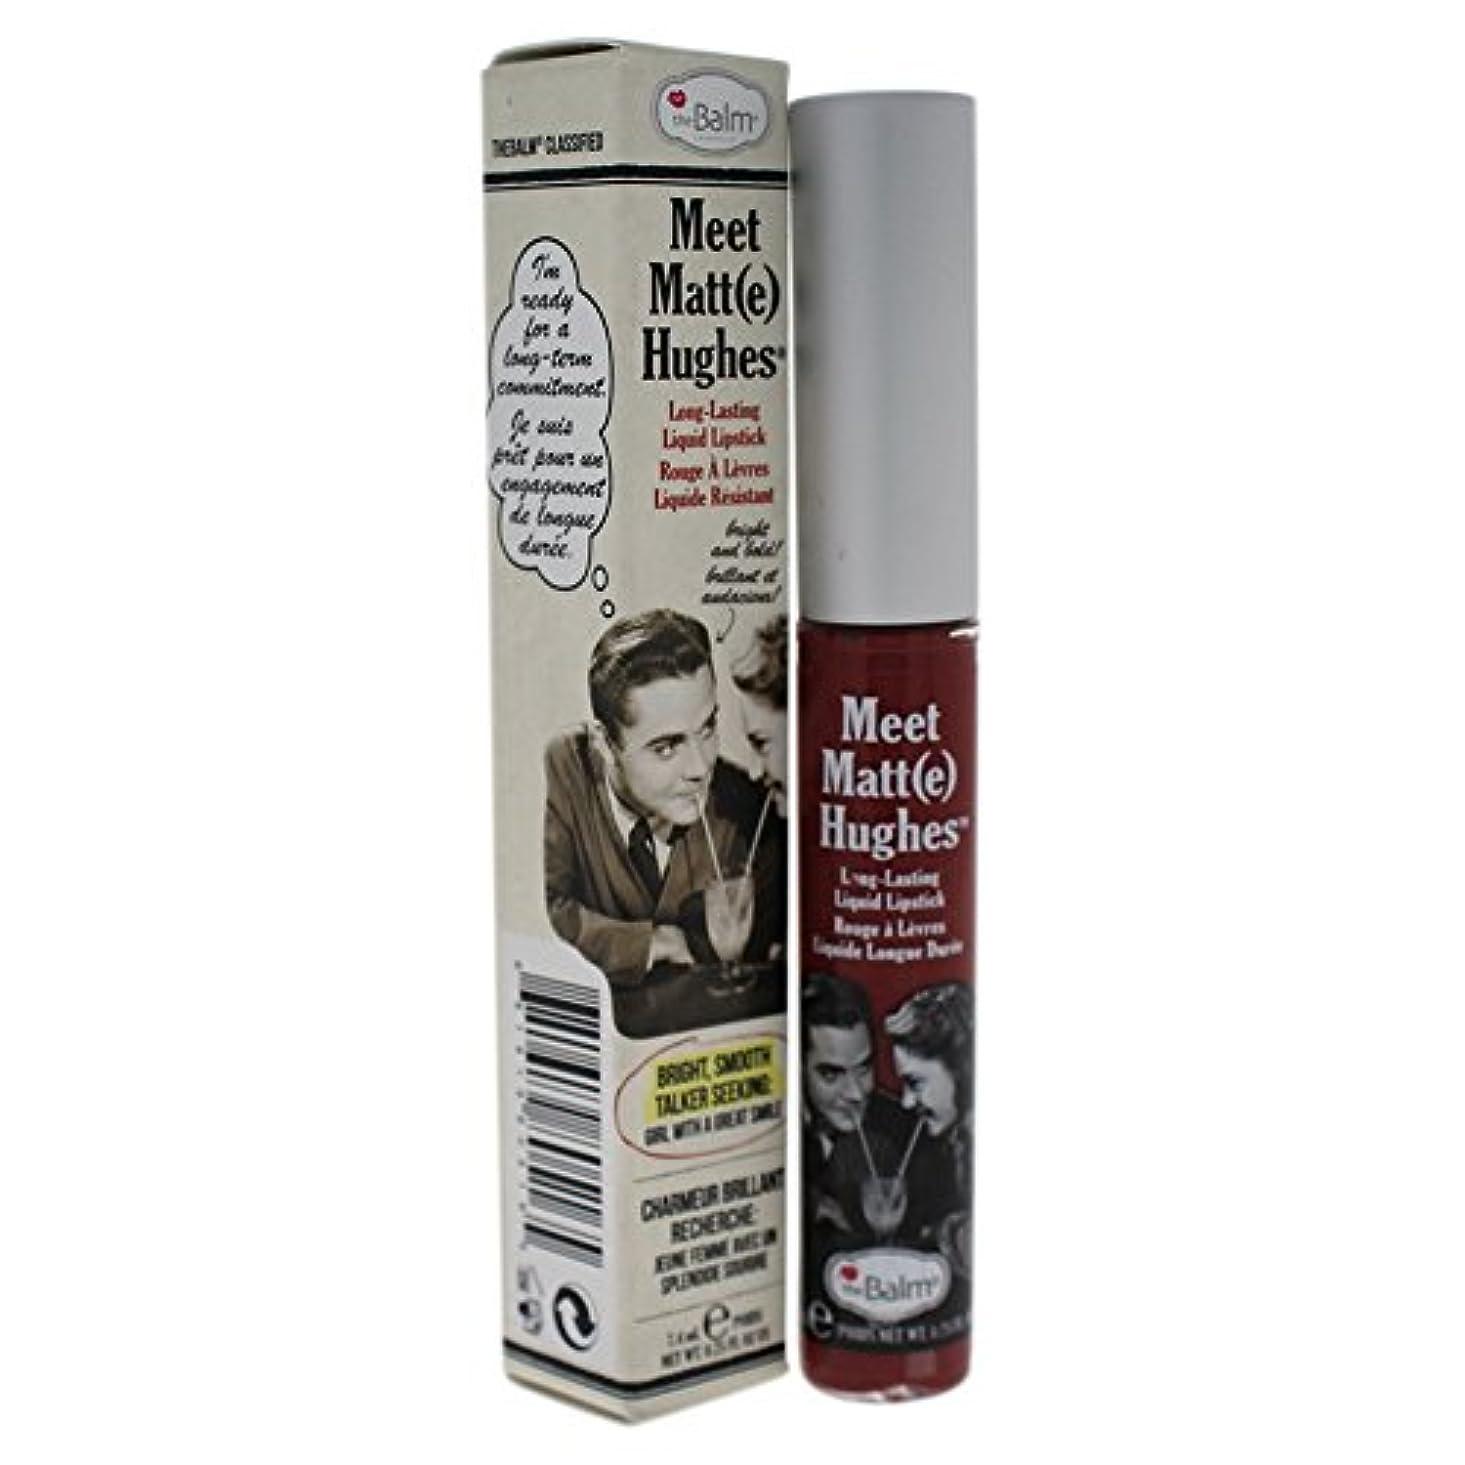 閃光ロッカー聡明ザバーム Meet Matte Hughes Long Lasting Liquid Lipstick - Charming 7.4ml/0.25oz並行輸入品